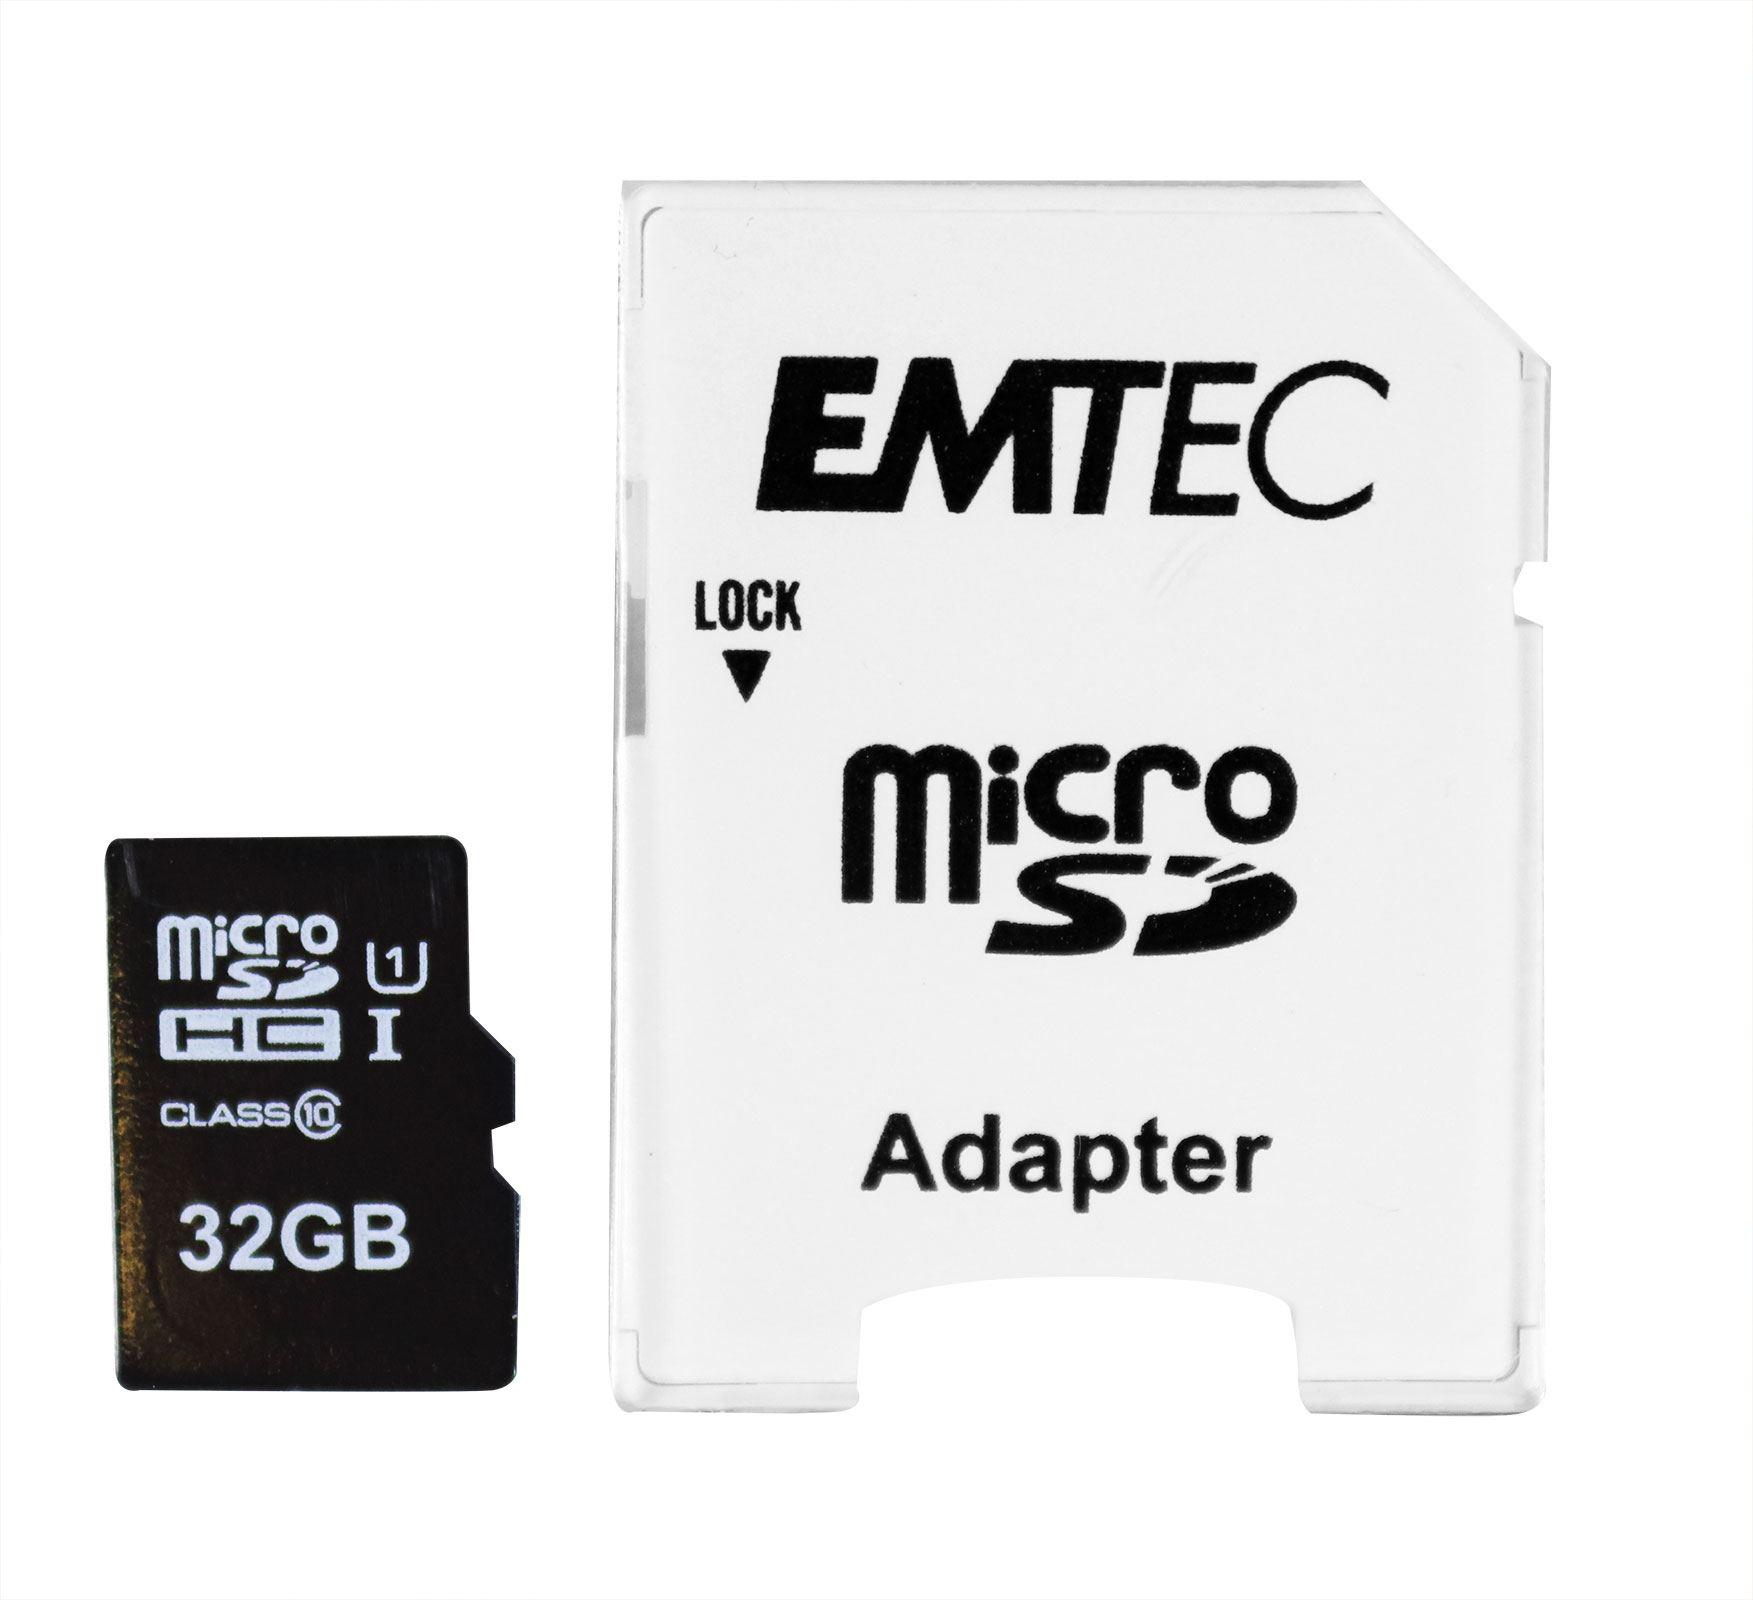 64 GB Micro SDHC Scheda di memoria con SD-Adattatore EMTEC Classic Class 10 Full HD